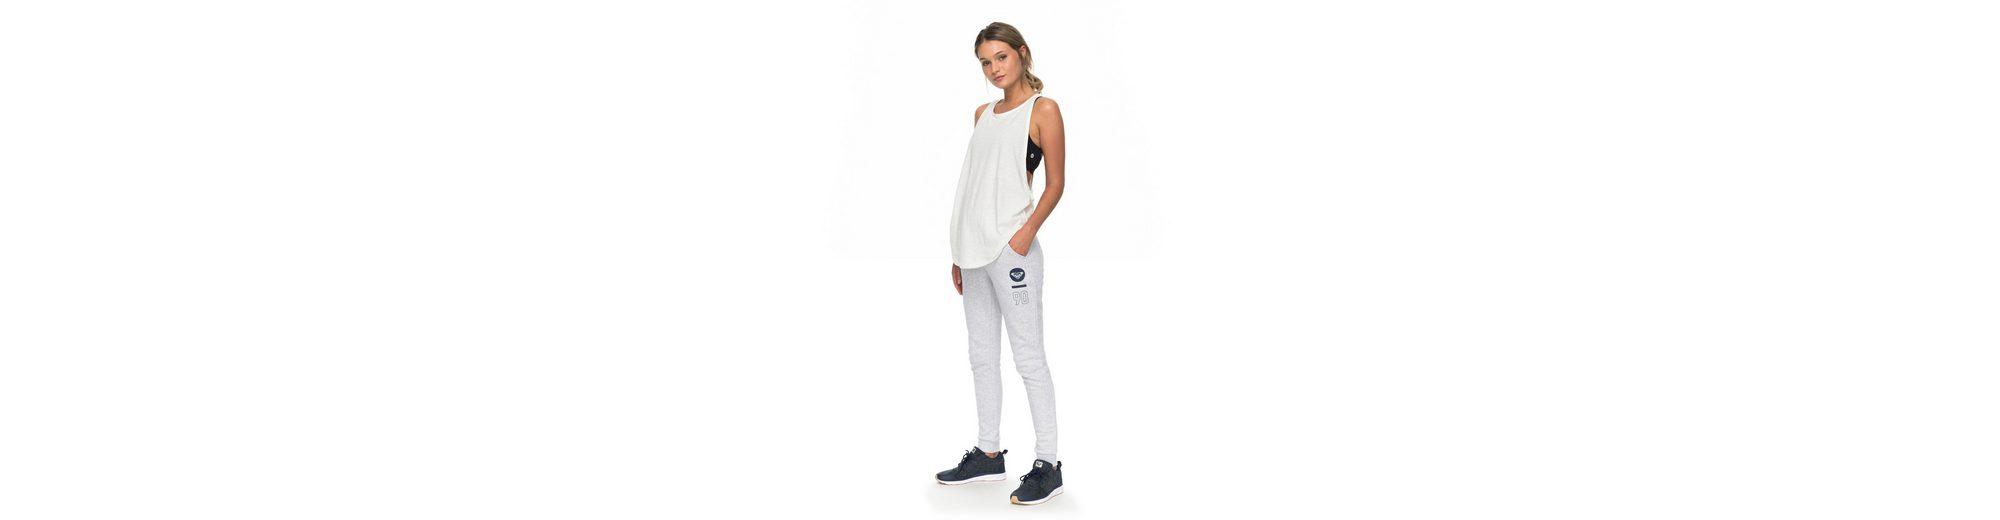 Roxy Jogginghose Chill Together A Spielraum Billig Echt Guenstige Kostengünstige Online-Verkauf 14OT5YCMe3